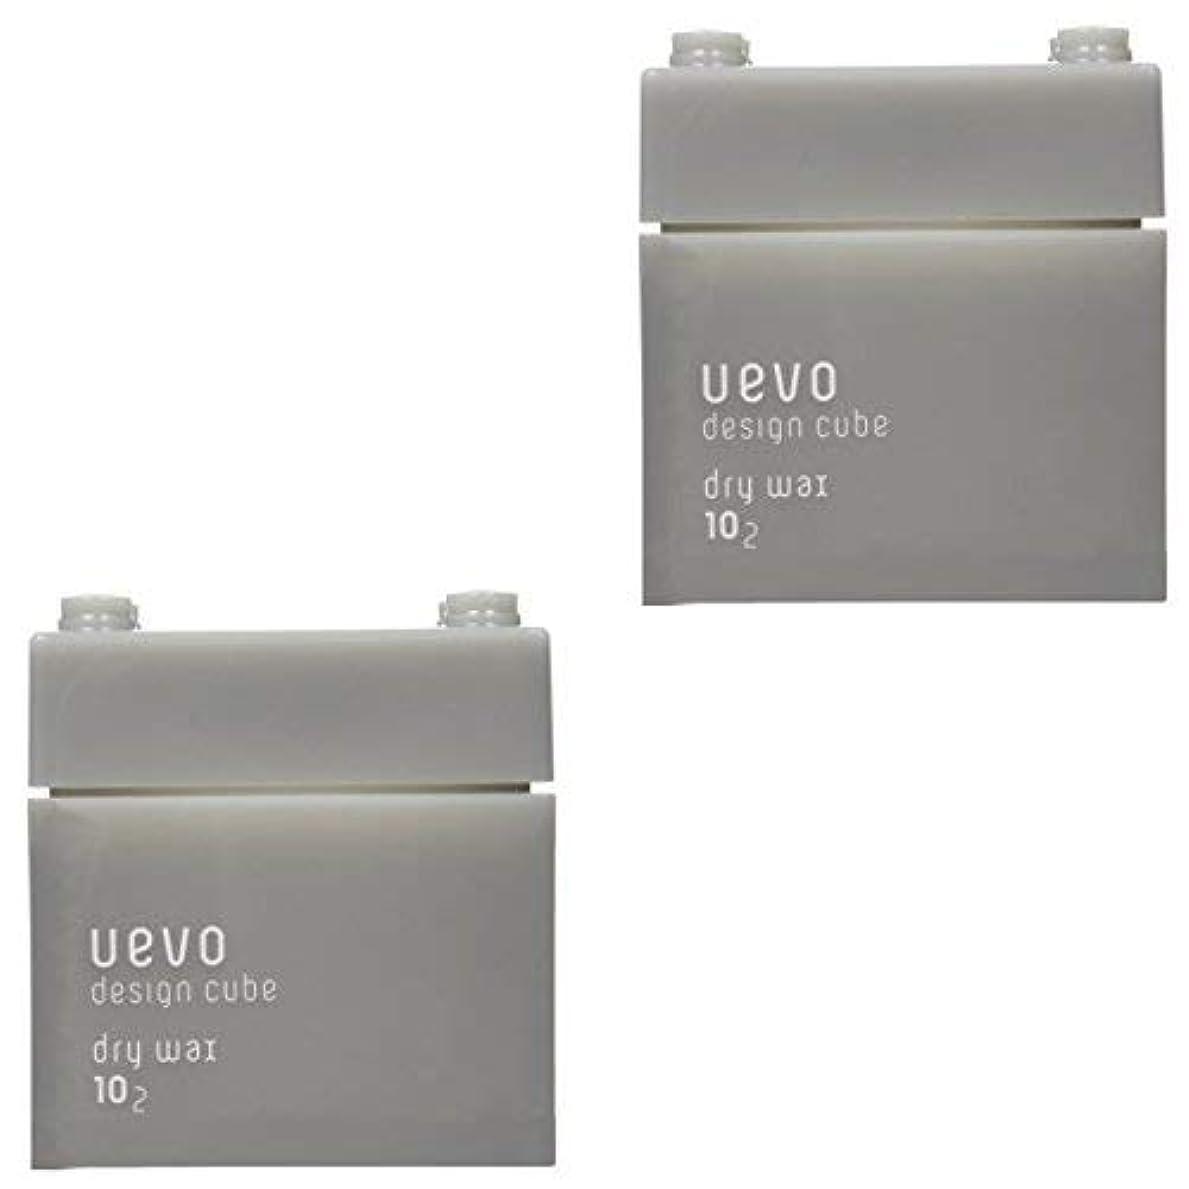 データお金に賛成【X2個セット】 デミ ウェーボ デザインキューブ ドライワックス 80g dry wax DEMI uevo design cube